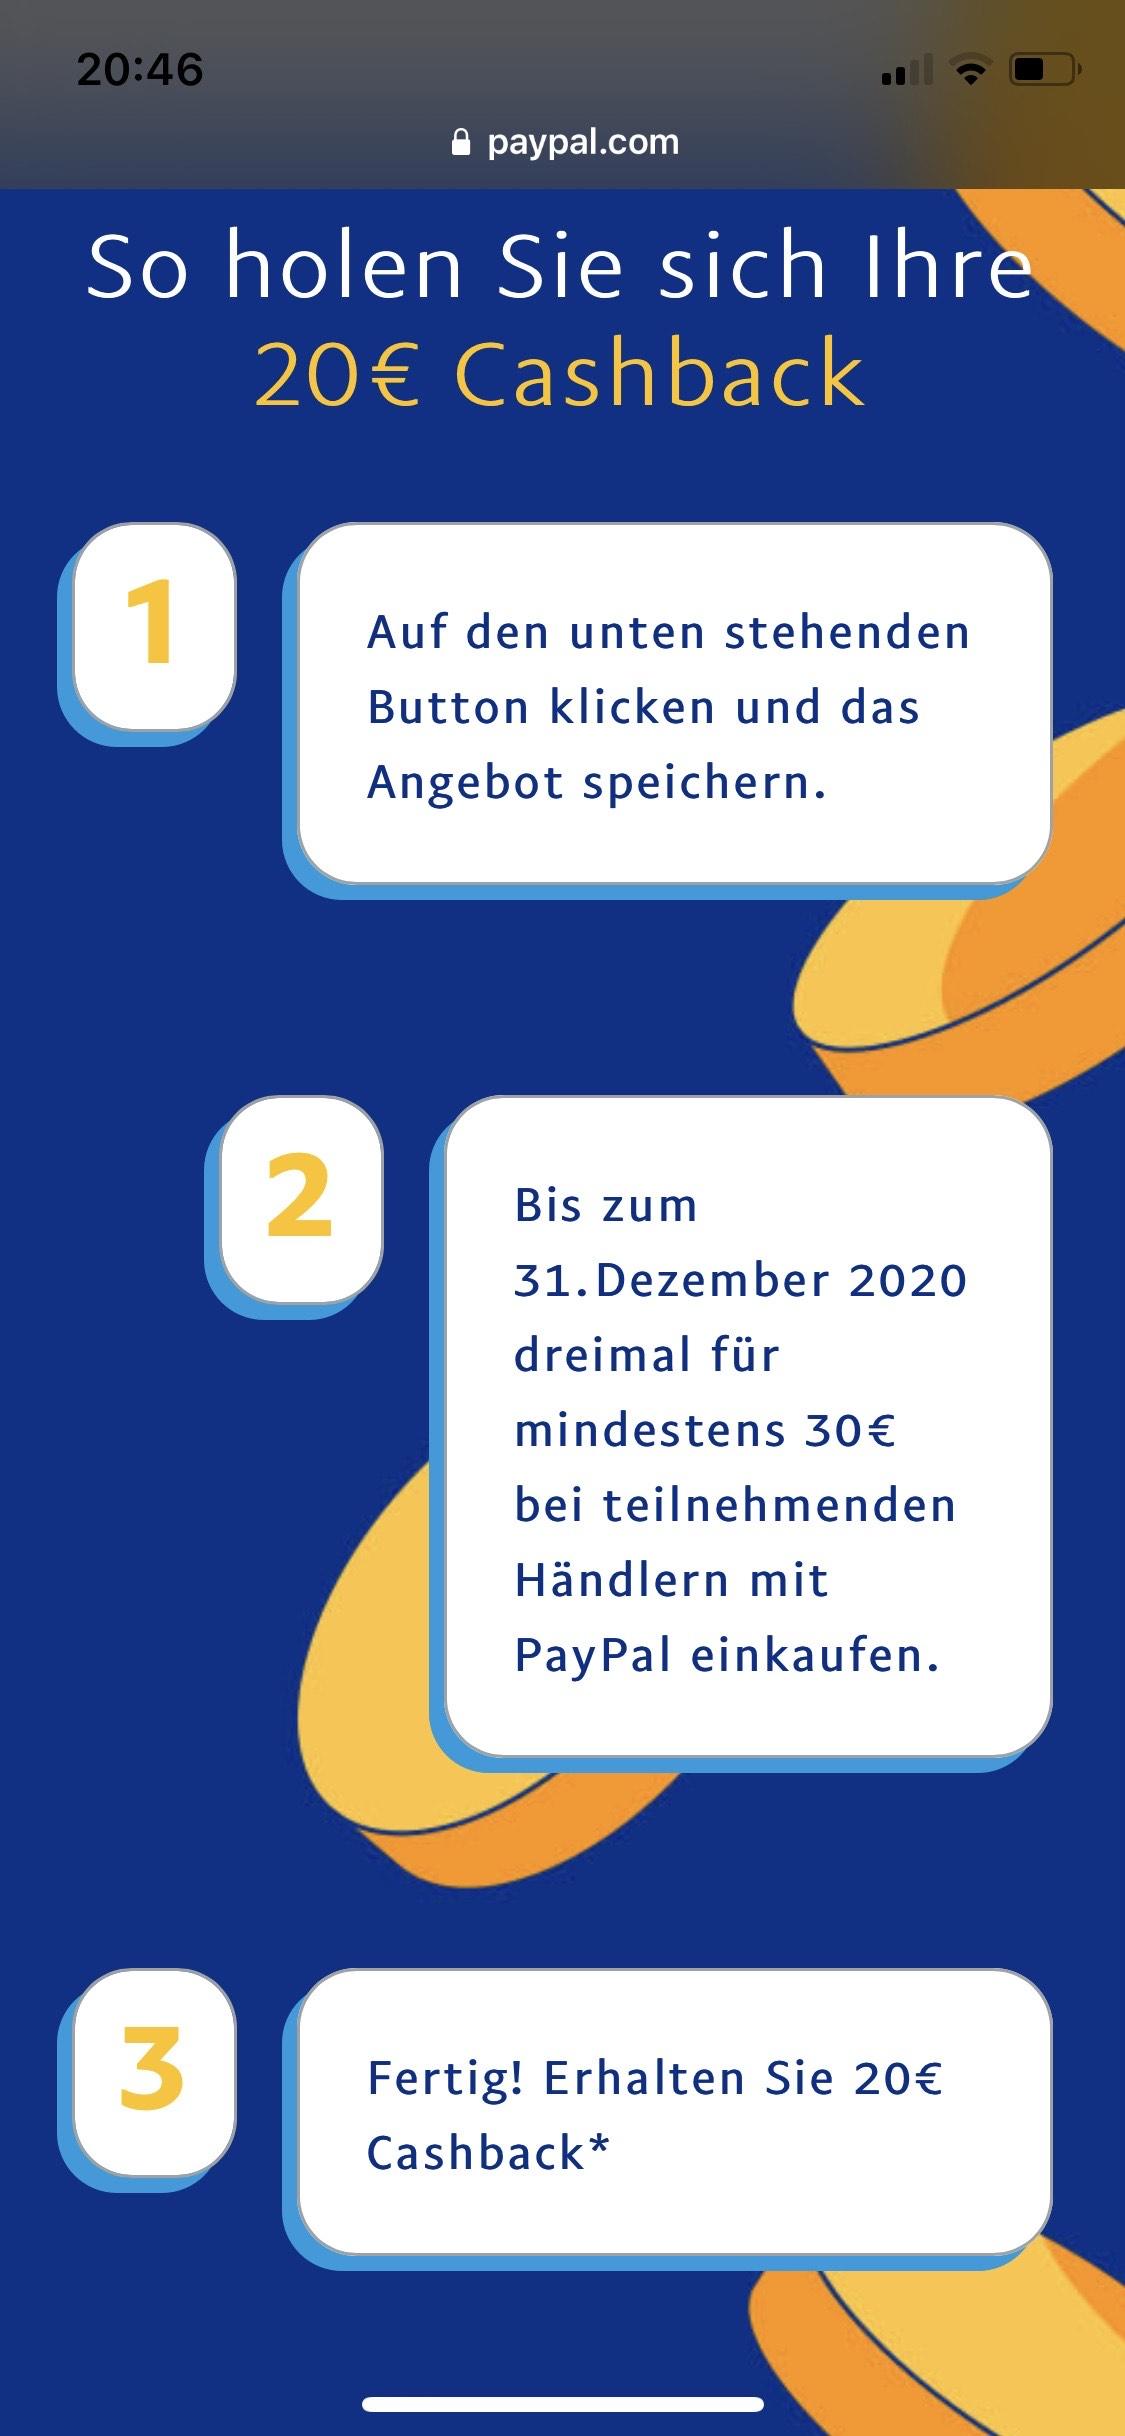 20 Euro PayPal Cashback für 3 Einkäufe a 30 Euro - effektiv 70 Euro (ausgewählte Händler)